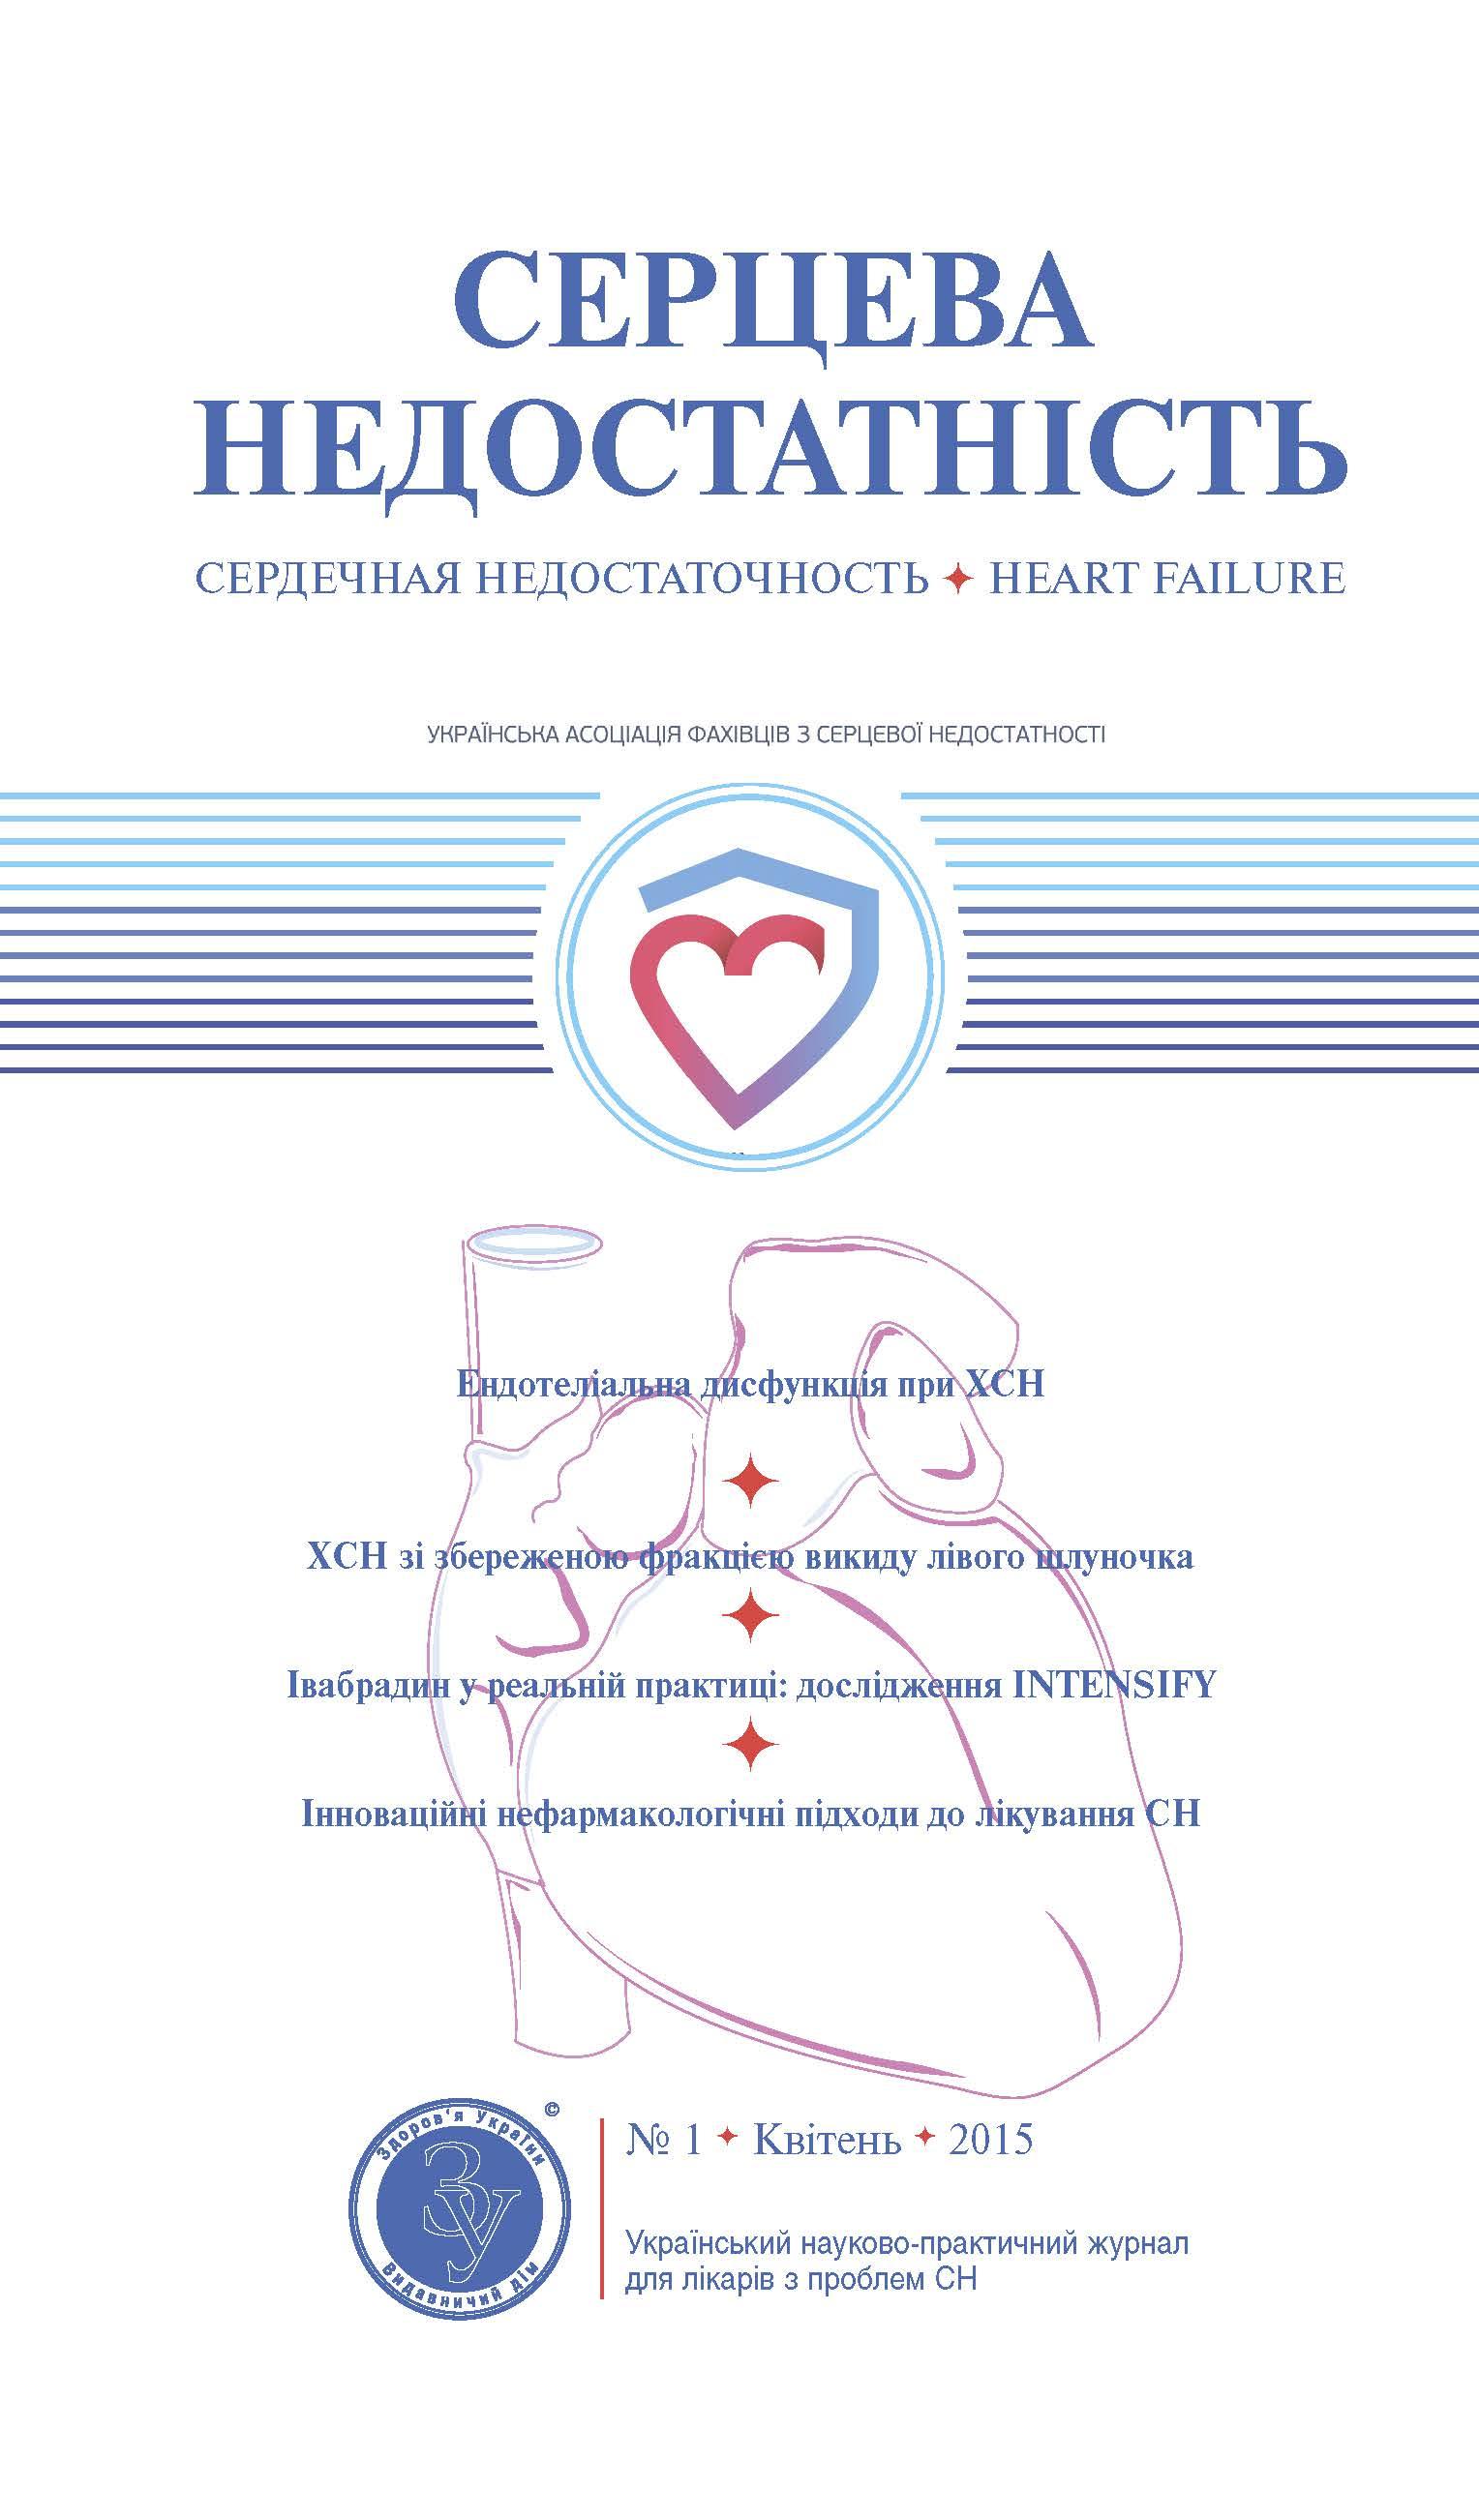 Журнал «Серцева недостатність» № 1 квітень 2015 р.